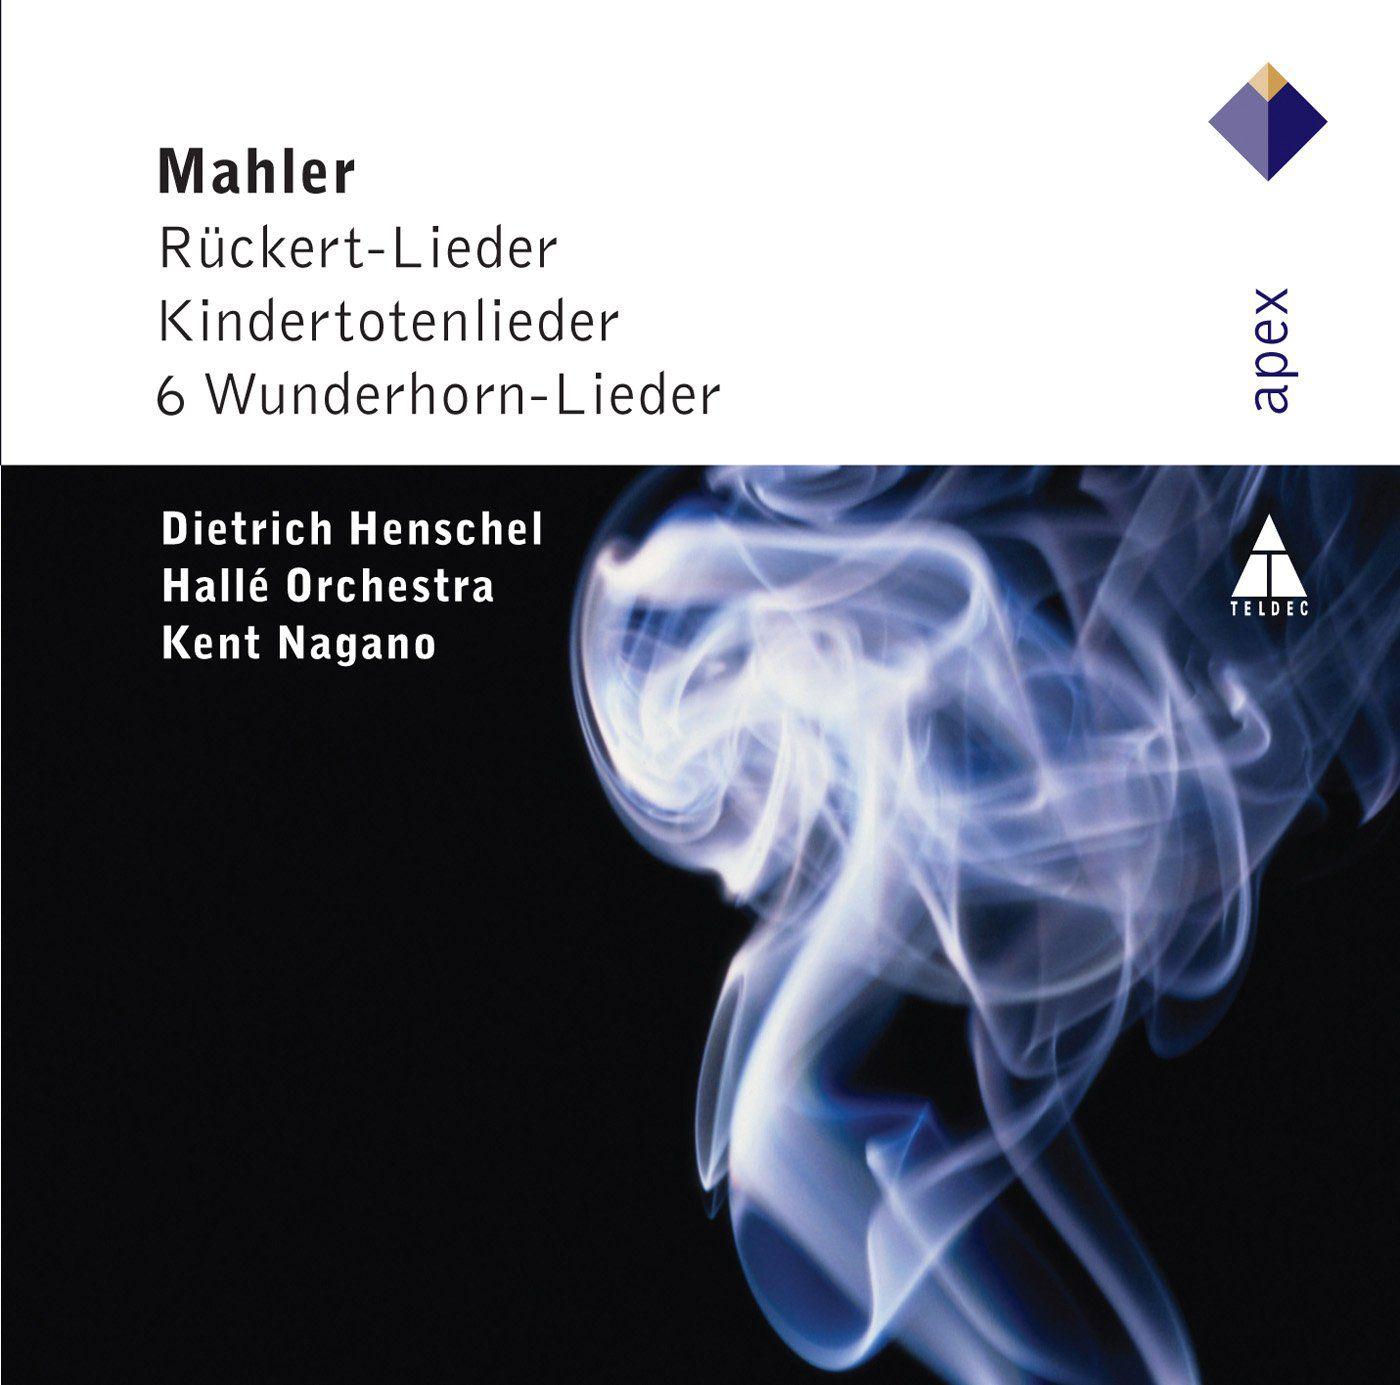 DIETRICH HENSCHEL / KEN NAGANO: MAHL:DES KNABEN WU